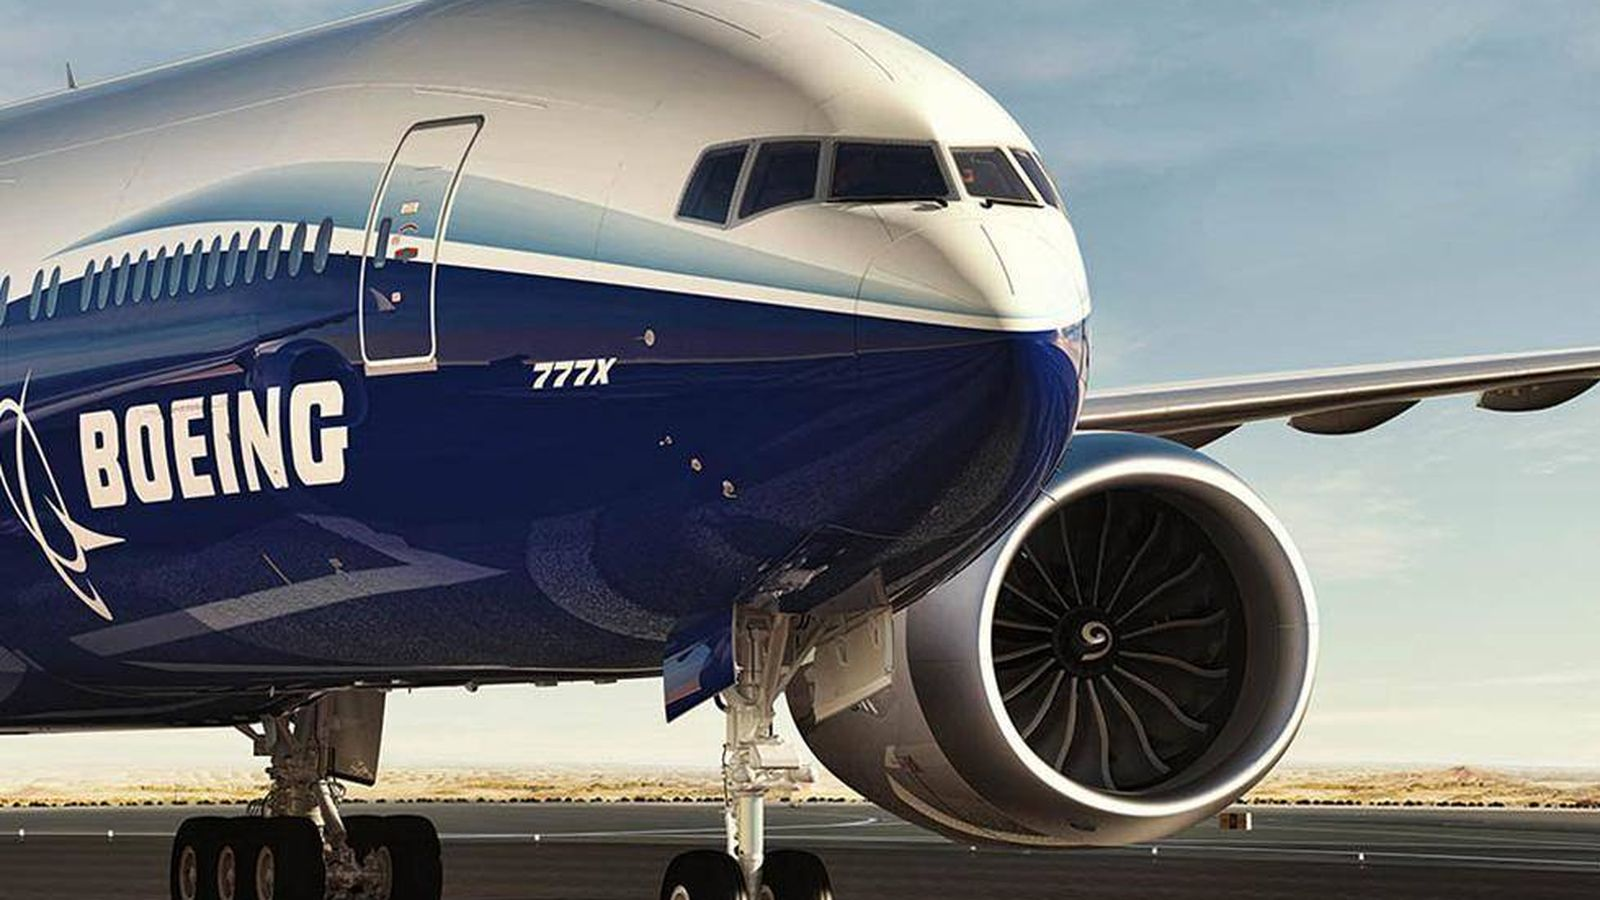 Foto: Imagen del nuevo 777X de Boeing. (Boeing)